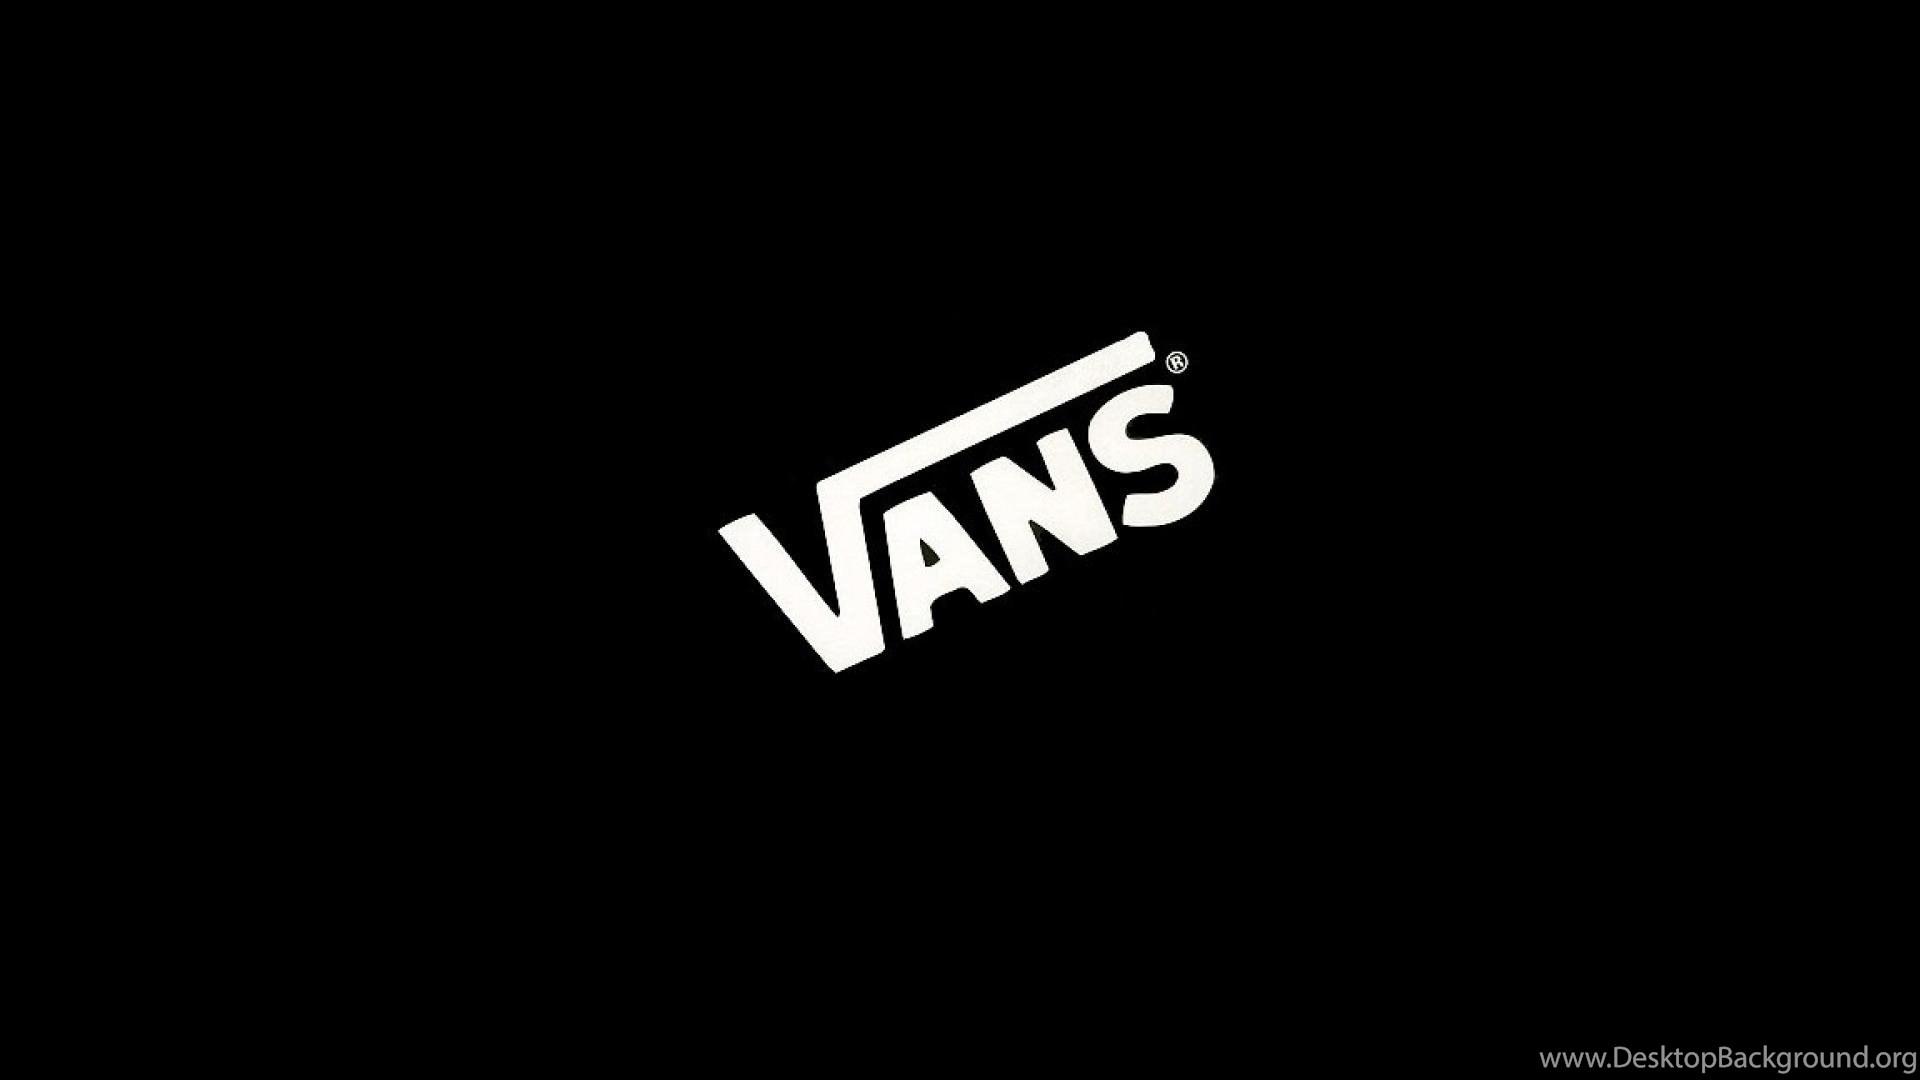 Vans Logo Wallpapers Wallpapers Cave Desktop Background